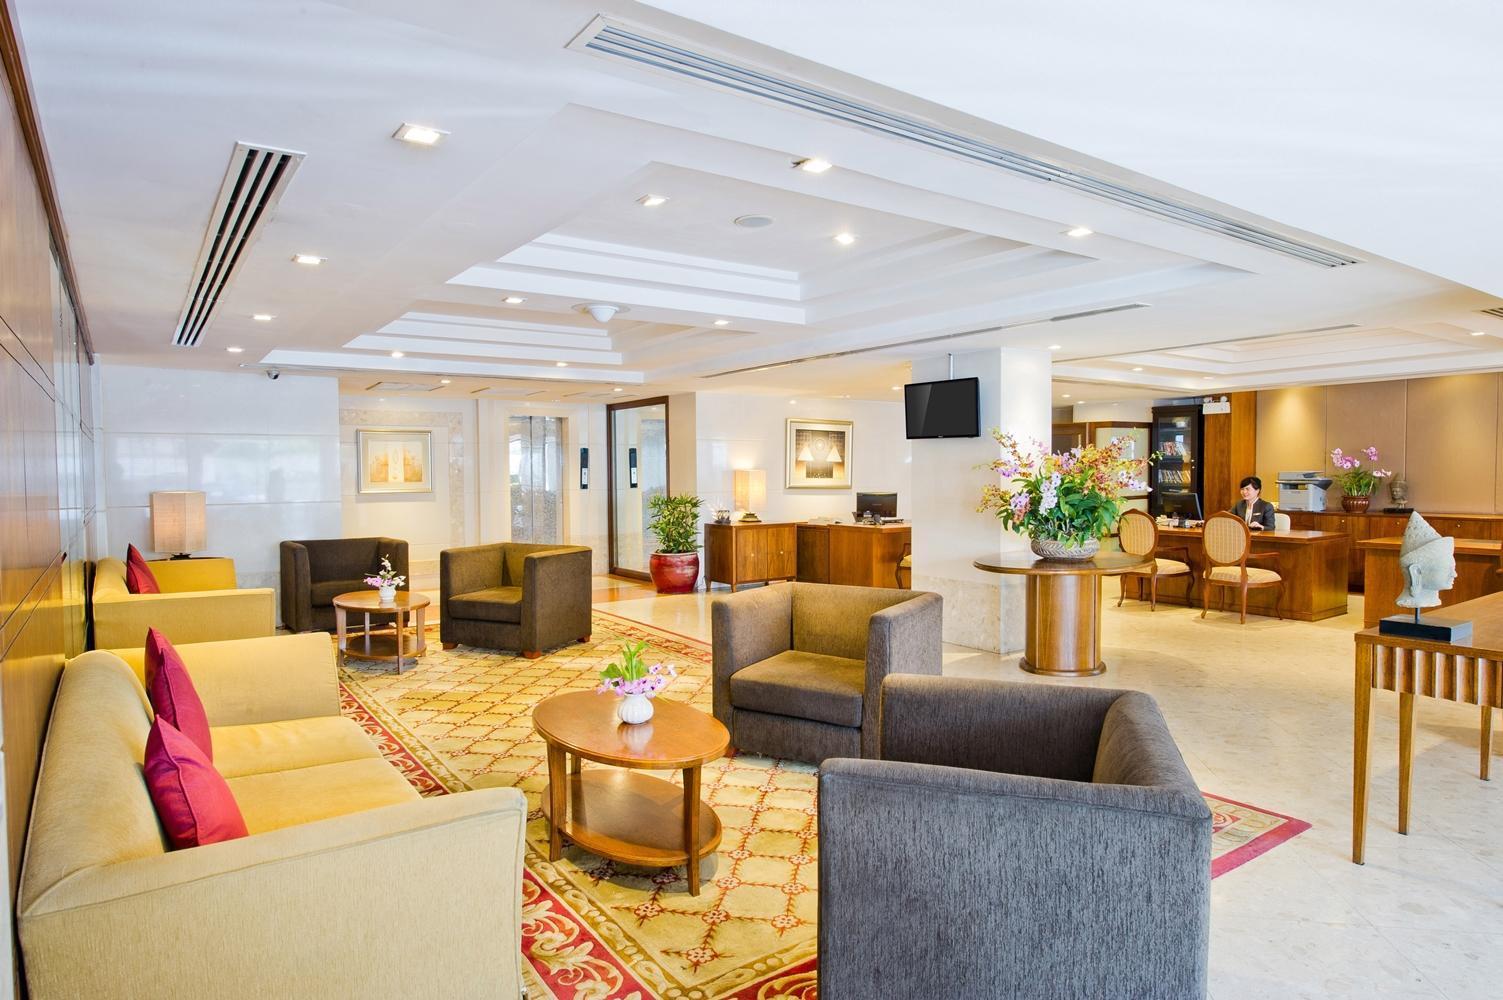 โรงแรมรอยัล เพรสซิเดนท์